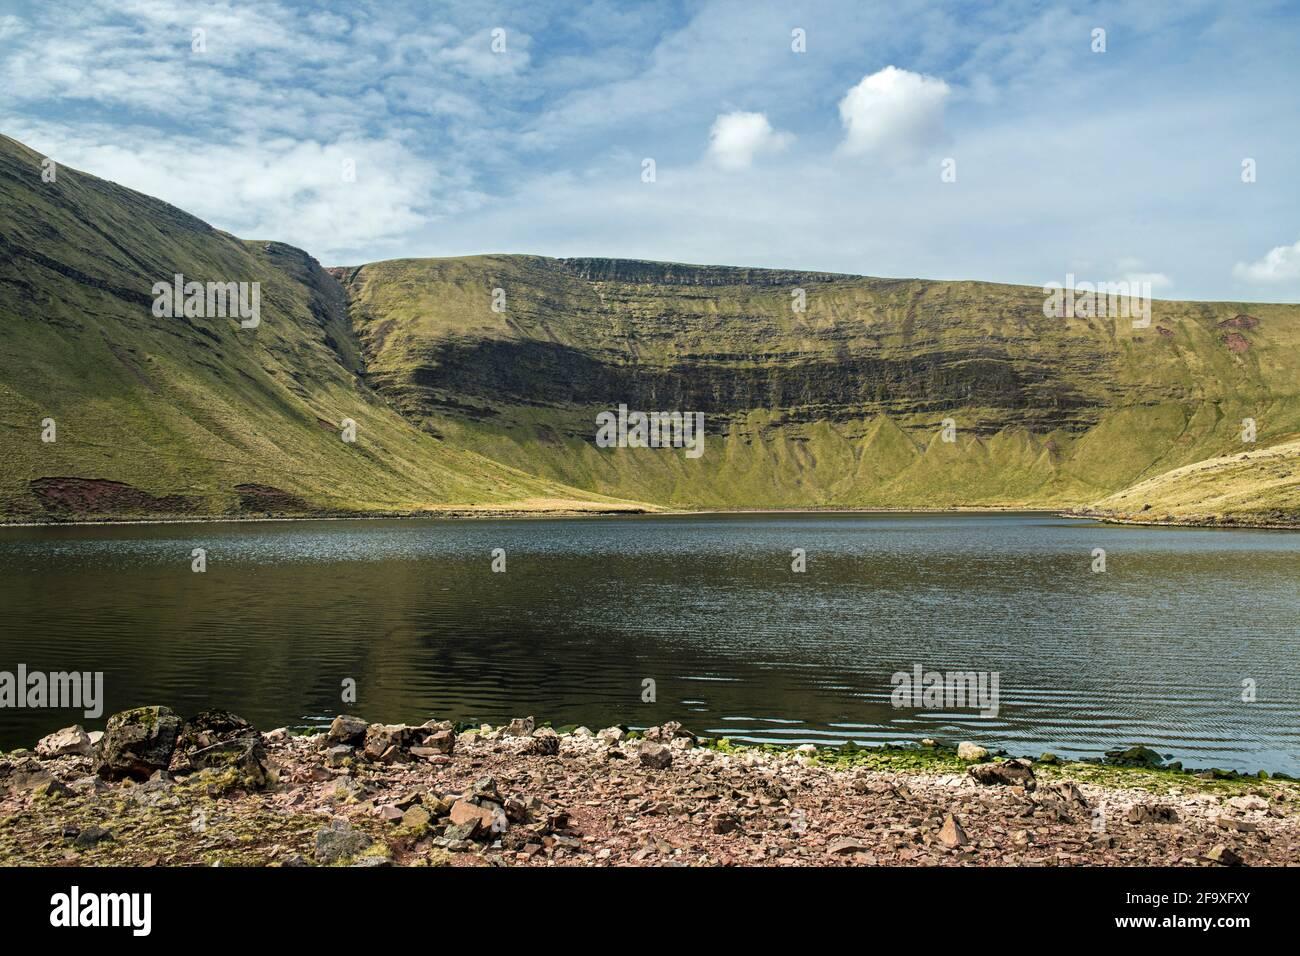 El lago de Llyn y Fach Ventilador en el Negro Montaña alias el Brecon Beacons occidental en Carmarthenshire Suroeste Gales Foto de stock